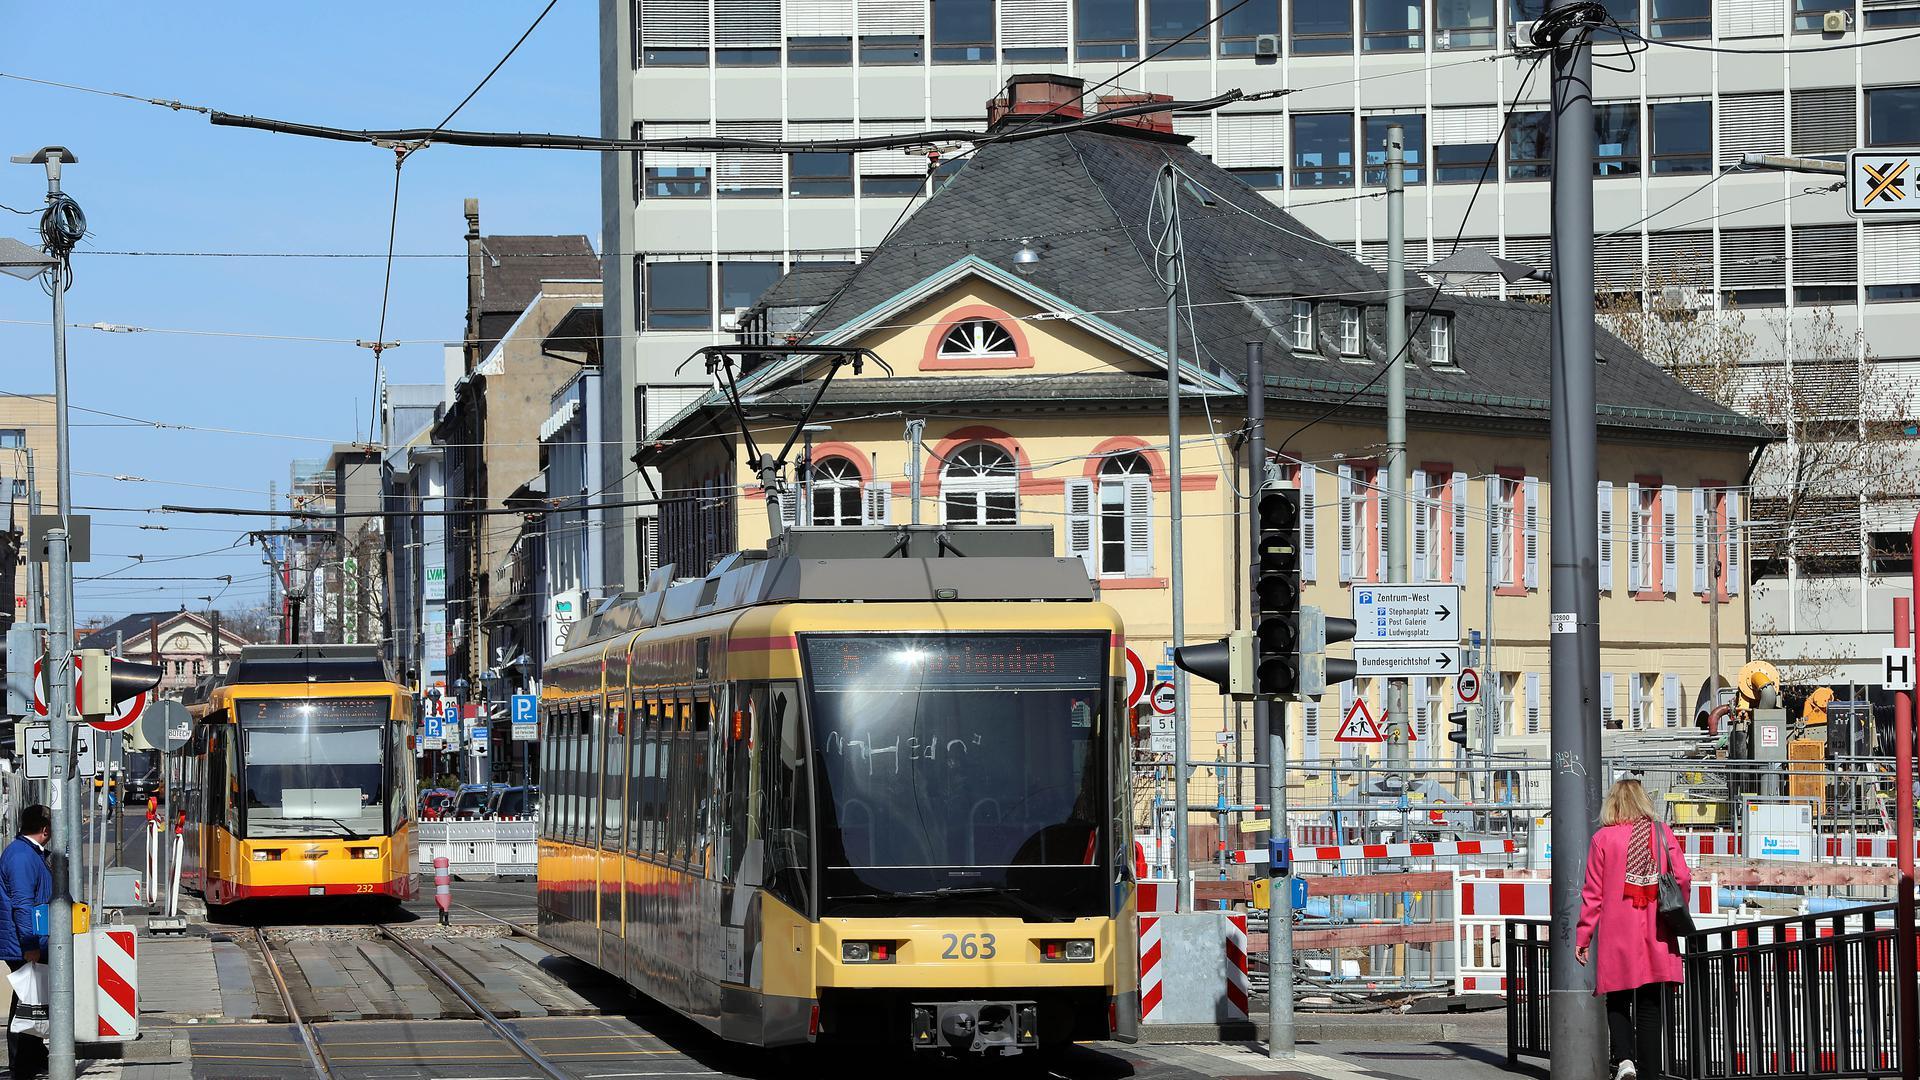 Bahnwechsel am Karlstor: Nach Ostern führt kein Gleisweg mehr über die Tunnelbaugrube am Karlstor. Dann müssen die Fahrgäste der Straßenbahnen auf Umwegen ihr Ziel erreichen.